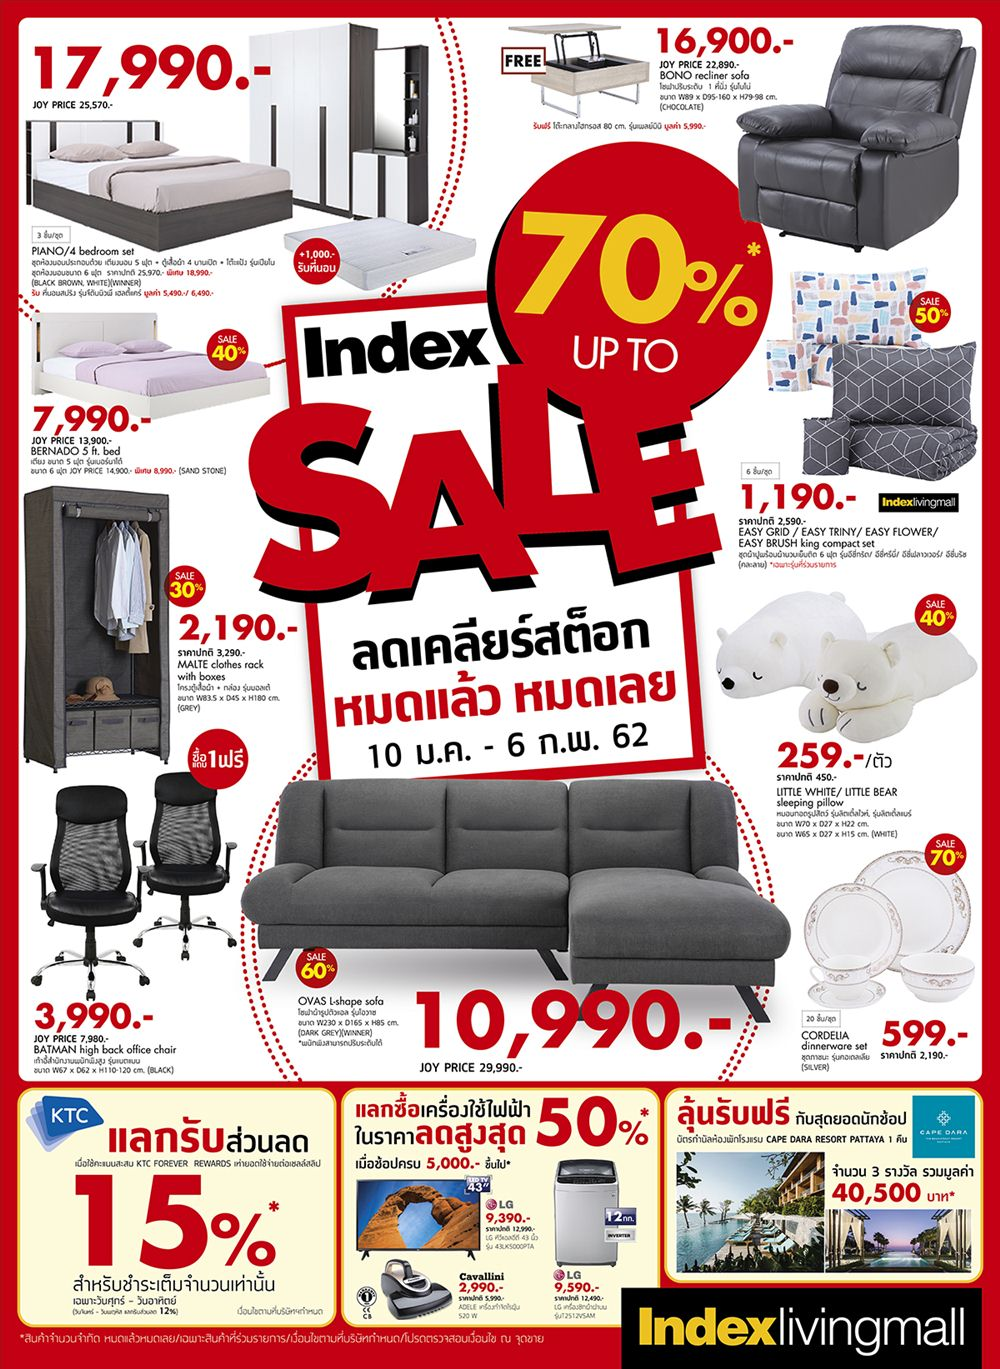 """""""อินเด็กซ์ ลิฟวิ่งมอลล์"""" จัดโปรฯ """"อินเด็กซ์ เซลล์"""" (Index Sale) 13 - Index Living Mall (อินเด็กซ์ ลิฟวิ่งมอลล์)"""